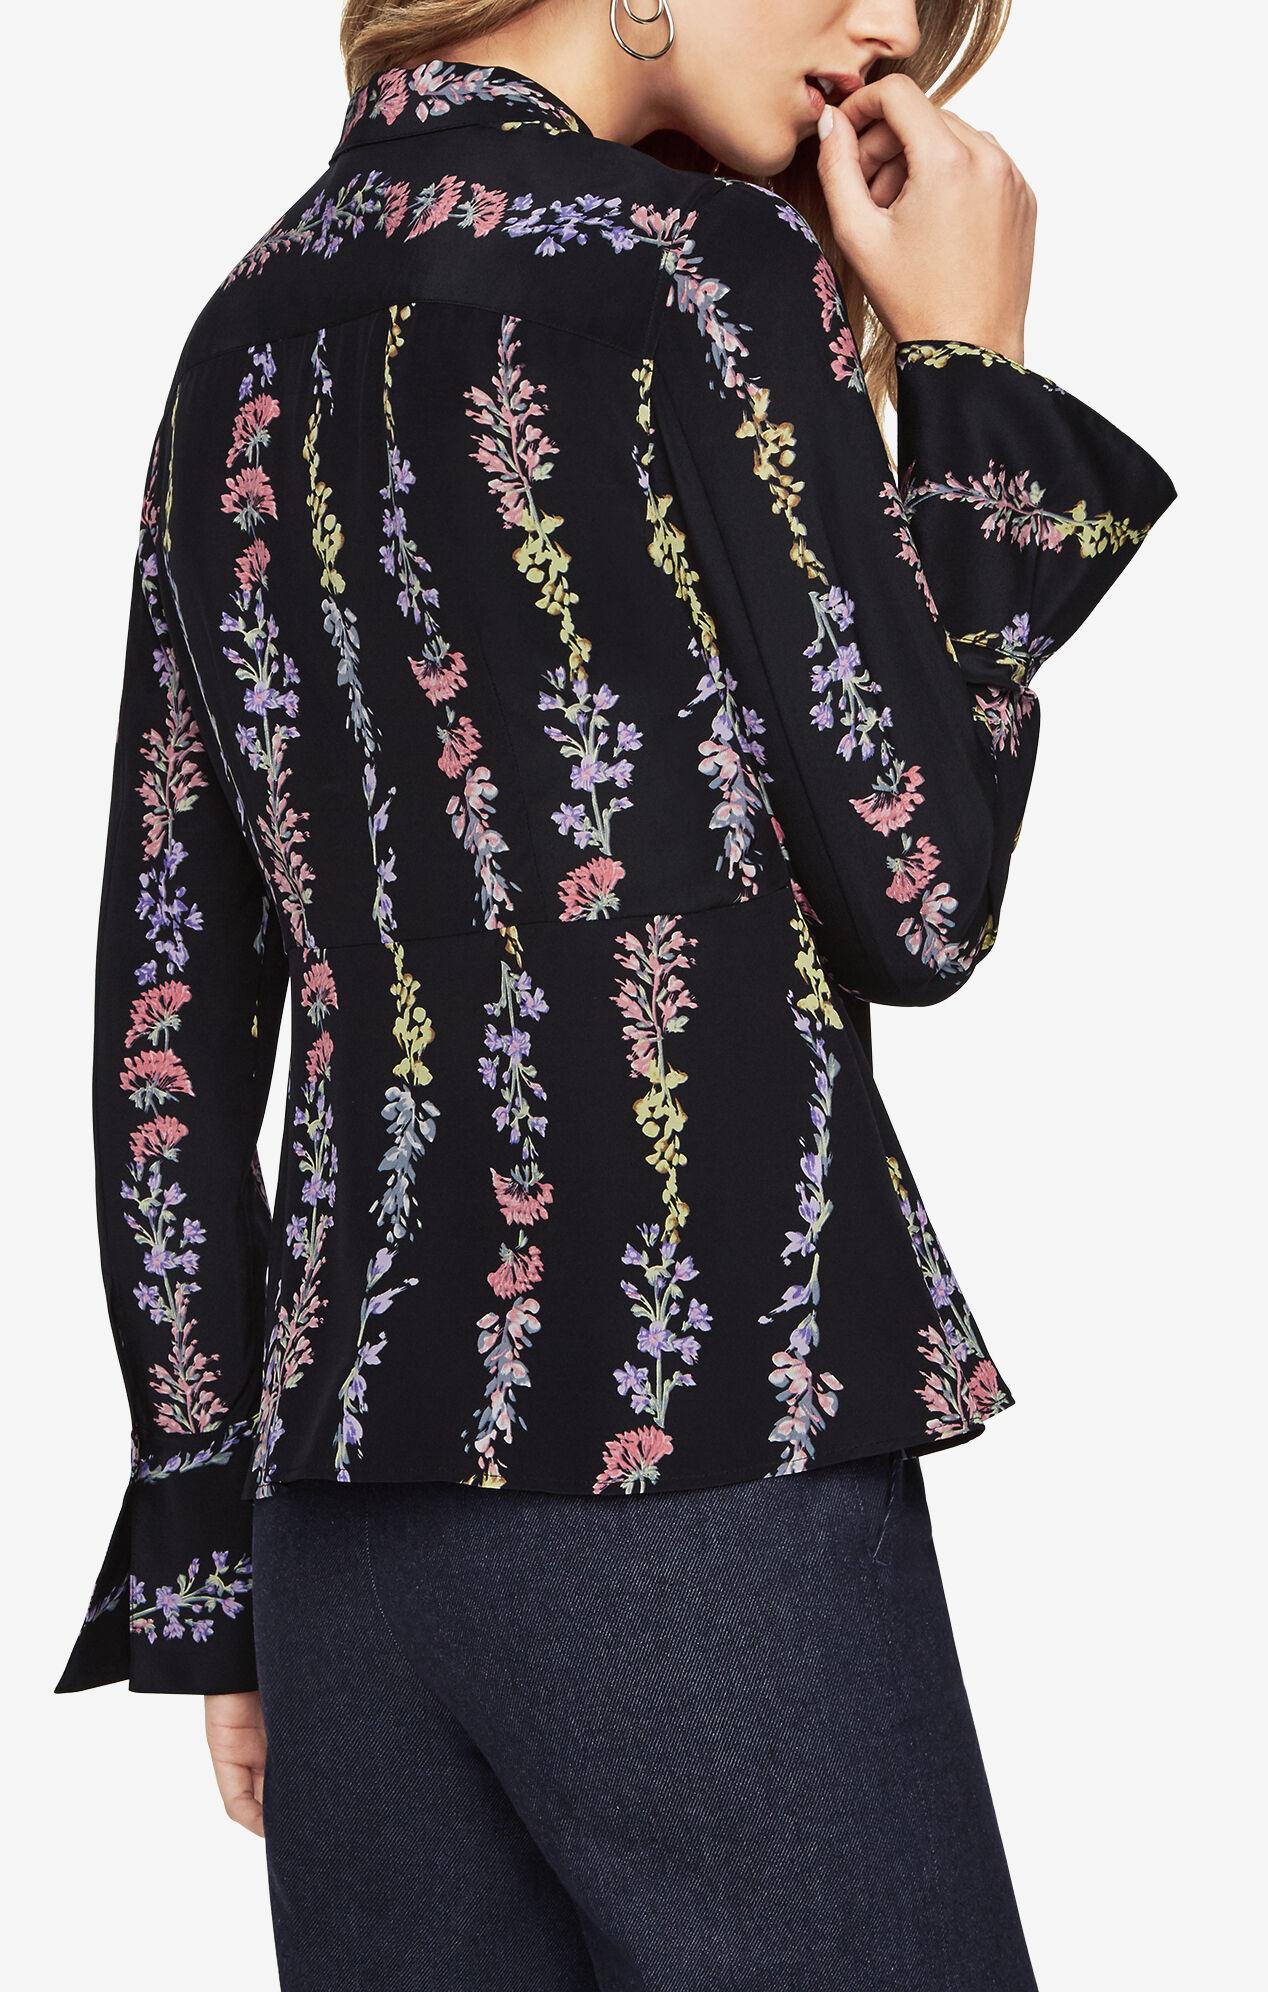 Edie Floral-Print Top